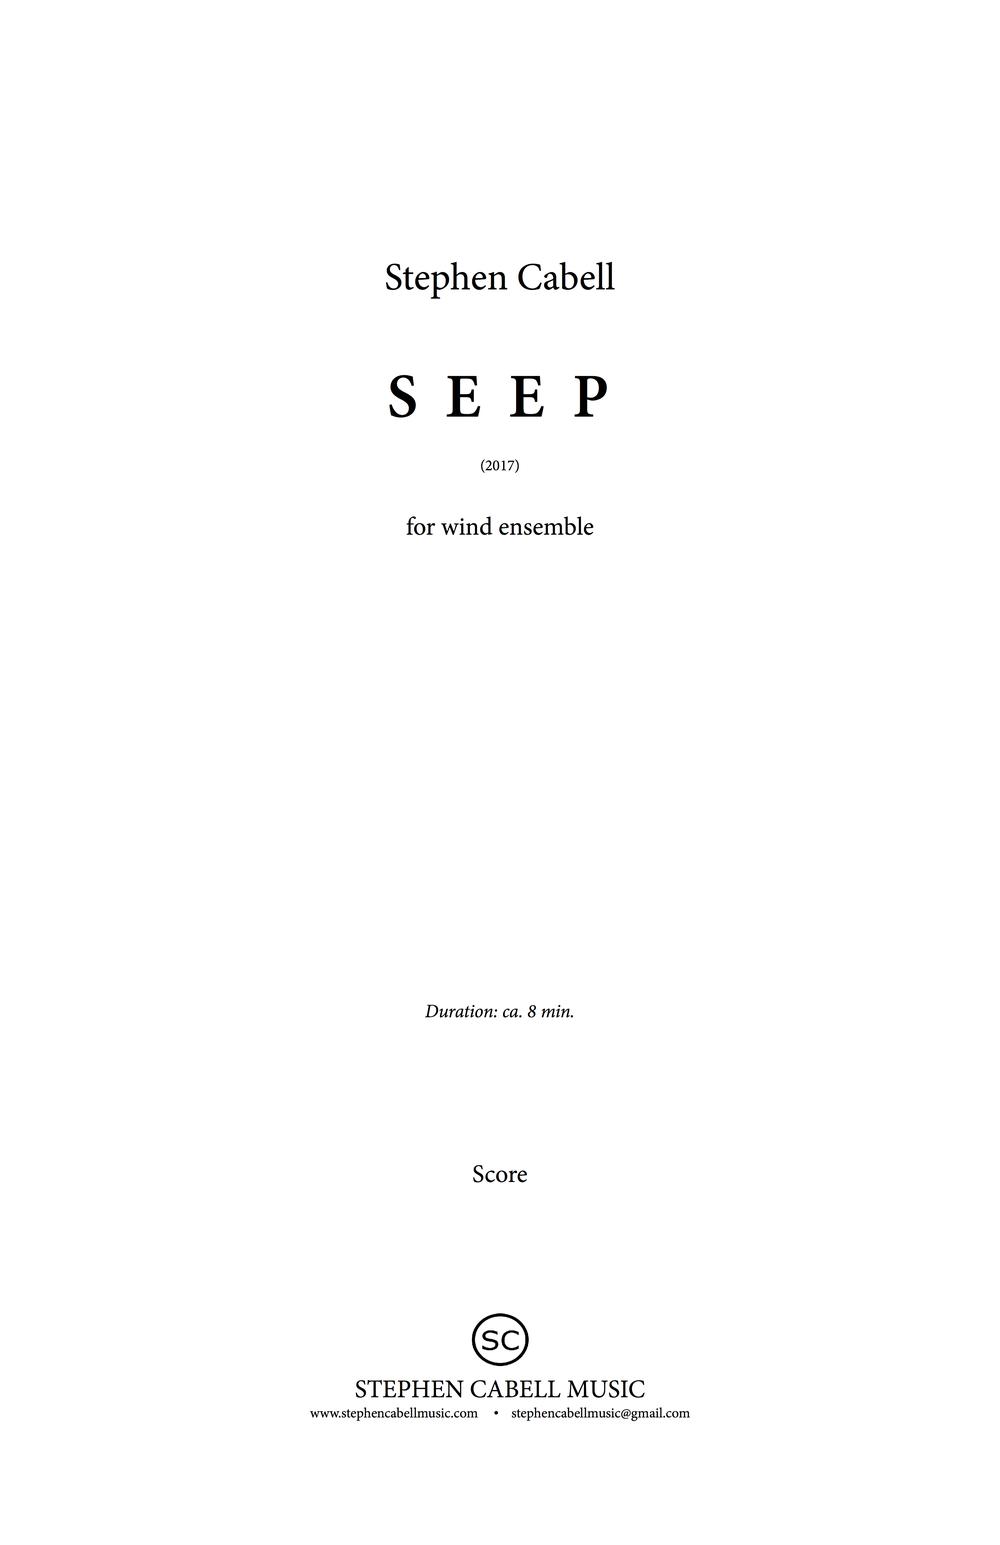 SEEP Full Score 20170227_0001 (3).png